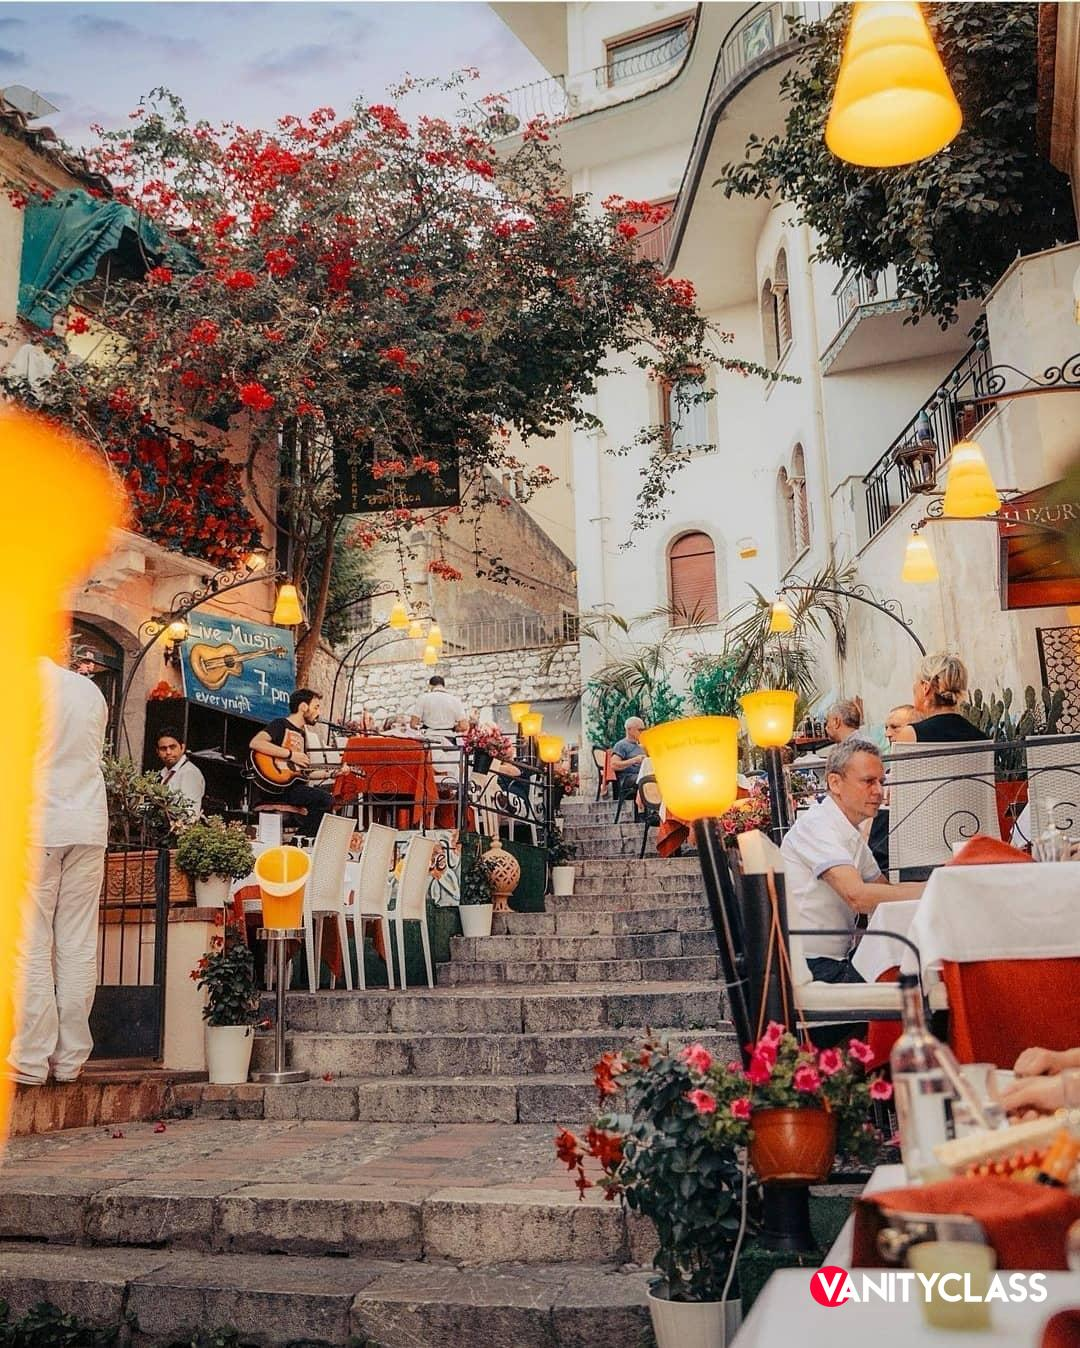 Tessa Gelisio arriva eccezionalmente in Sicilia, alla scoperta delle eccellenze del territorio.